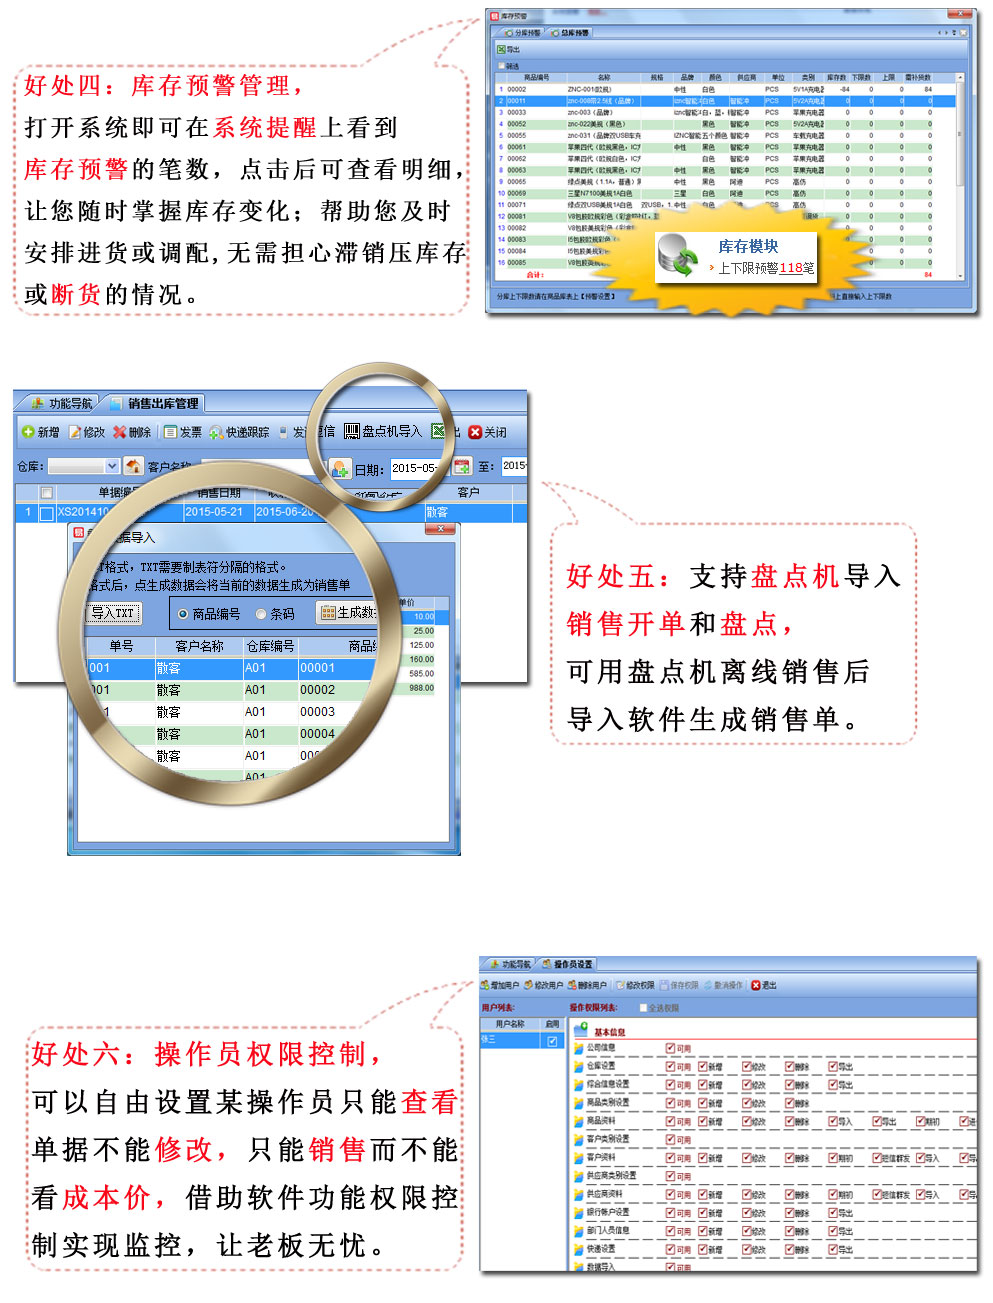 易特进销存软件商贸版-4.jpg